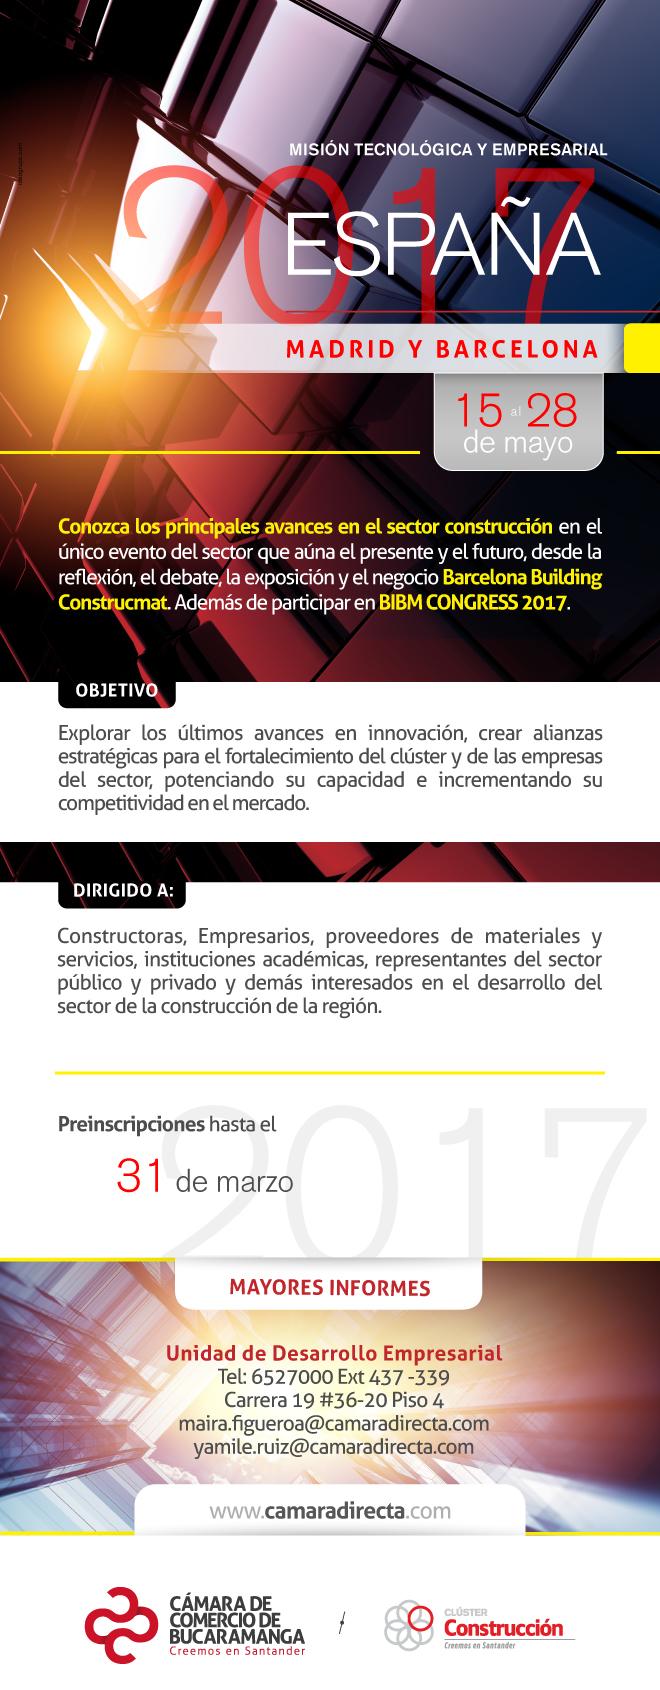 Mision Técnica - Empresarial  Sector Construcción - ESPAÑA 2017